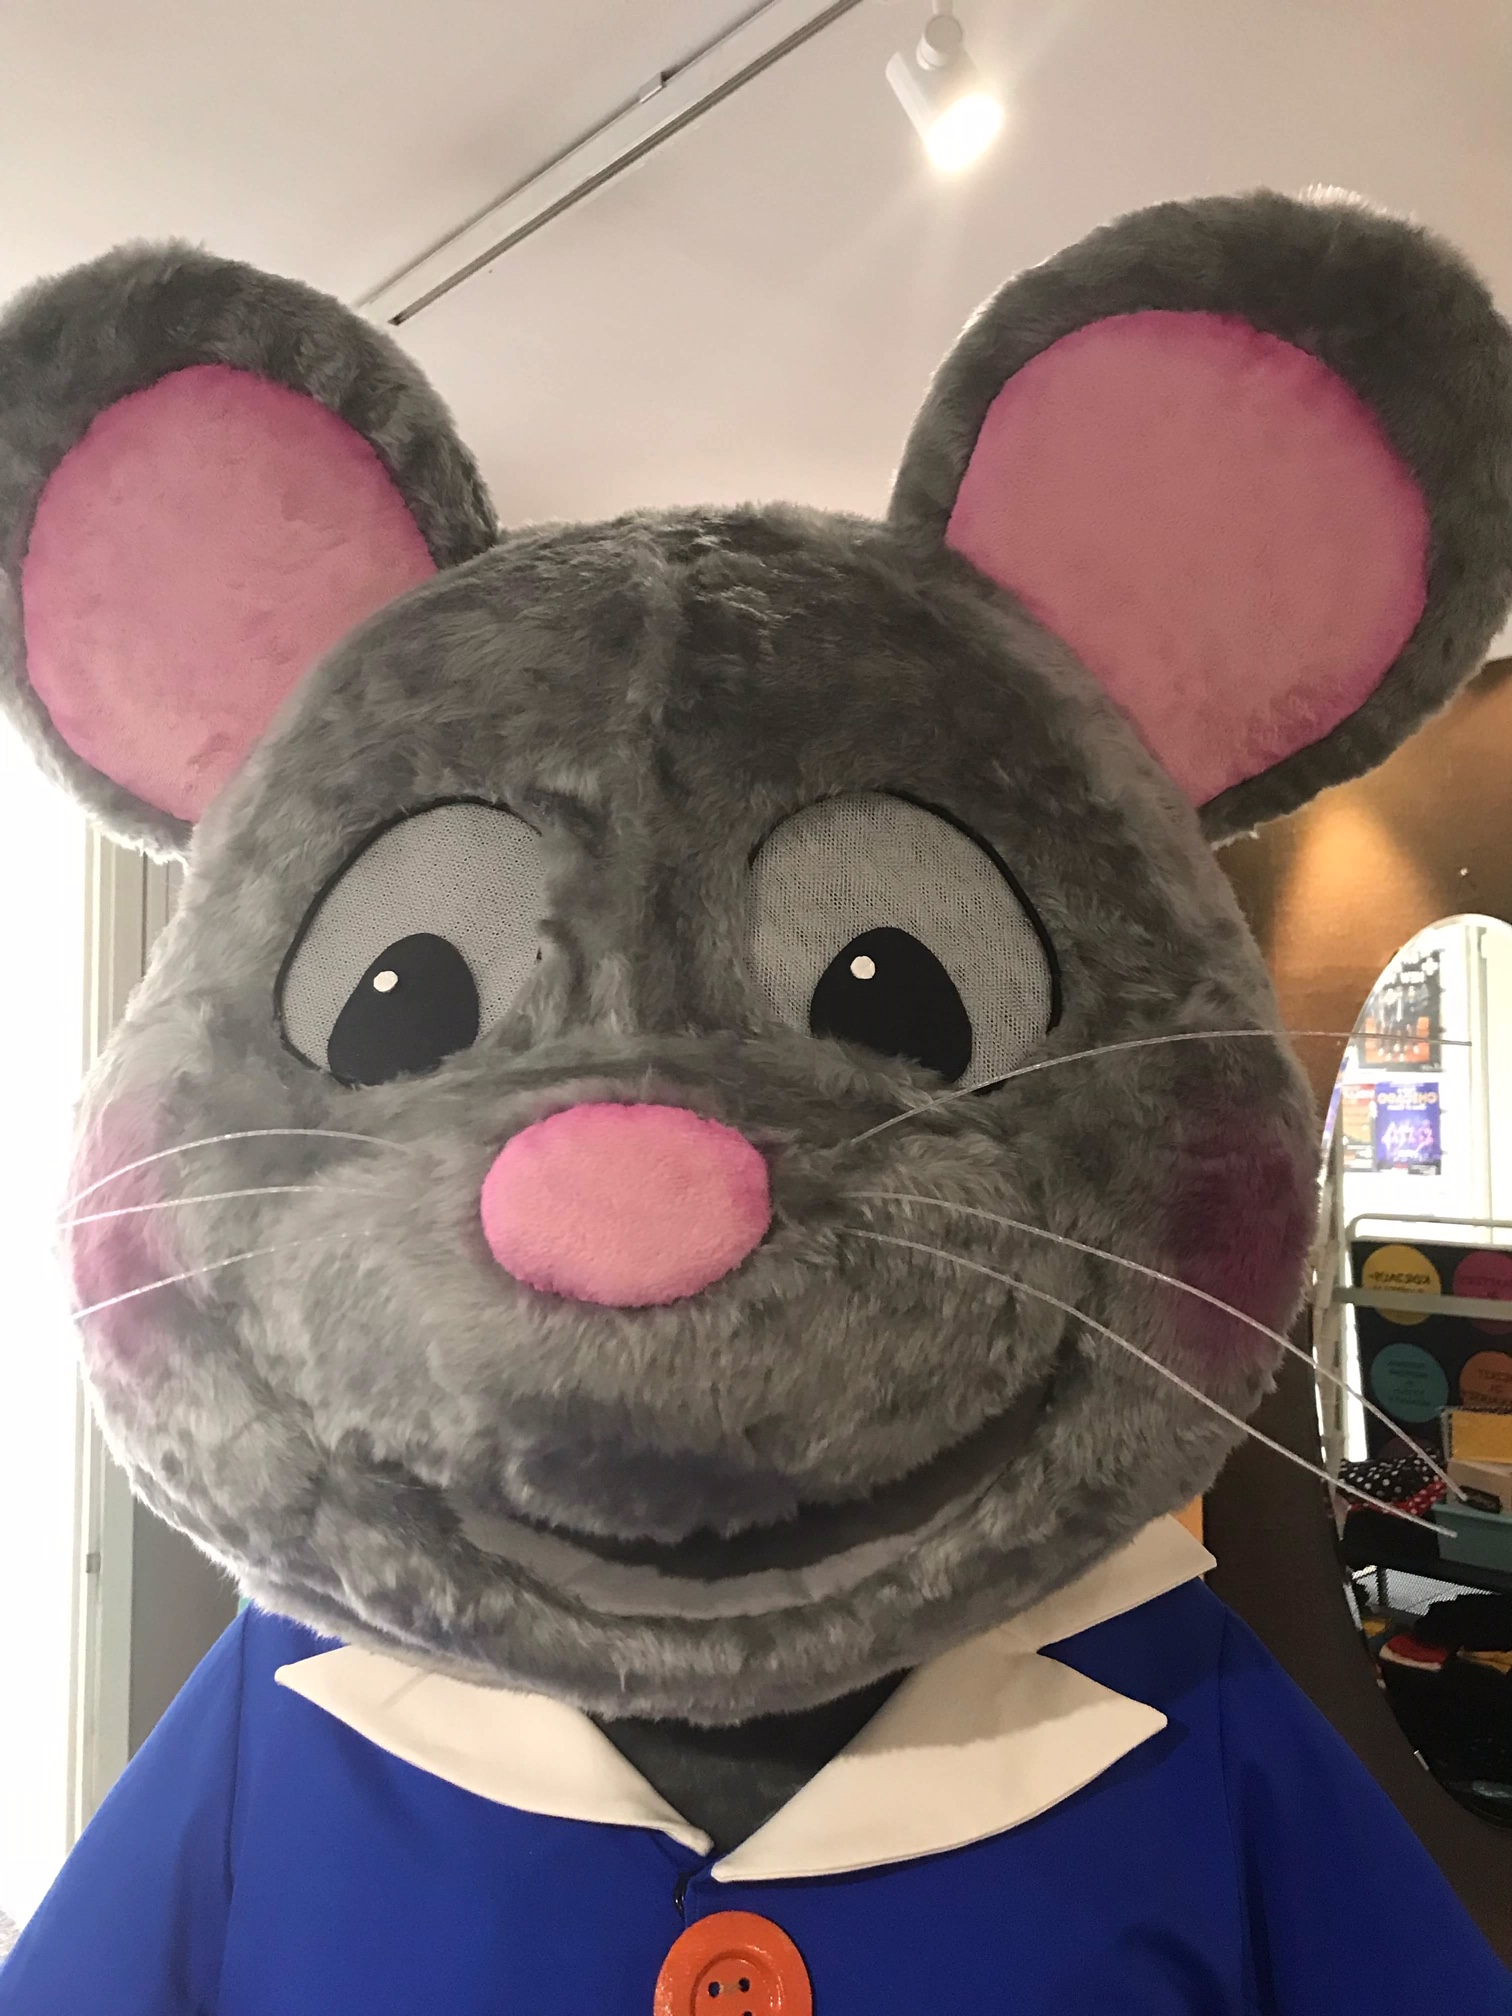 Terveystalon hipsuli hiiri